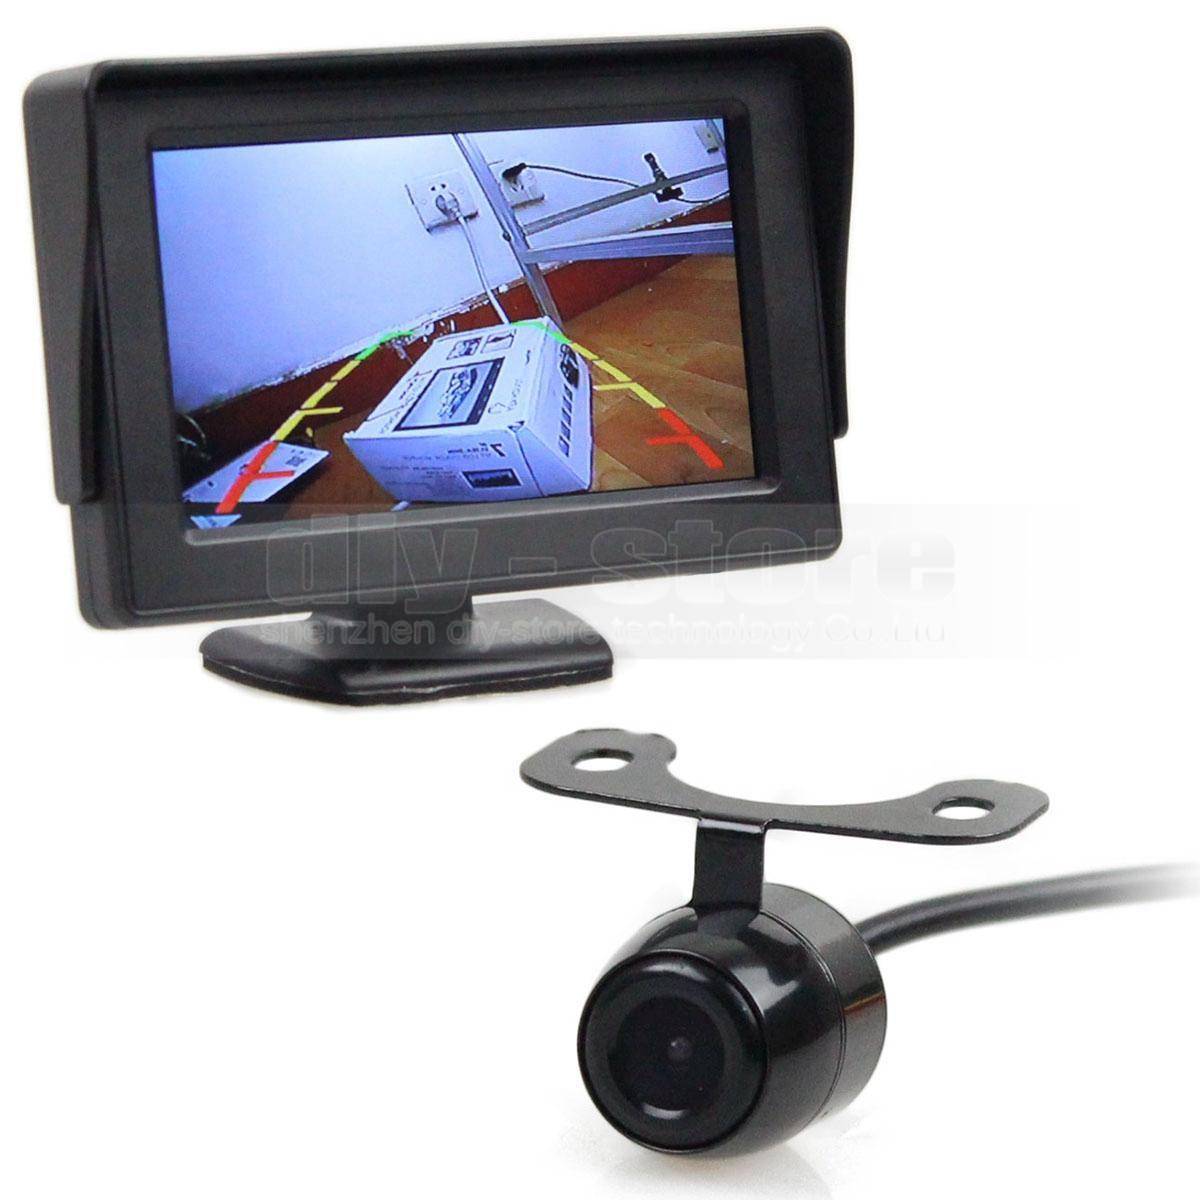 ماء HD عكس النسخ الاحتياطي كاميرا سيارة كاميرا الرؤية الخلفية + 4.3 بوصة وشاشة LCD الرؤية الخلفية وقوف السيارات مراقب نظام وقوف السيارات